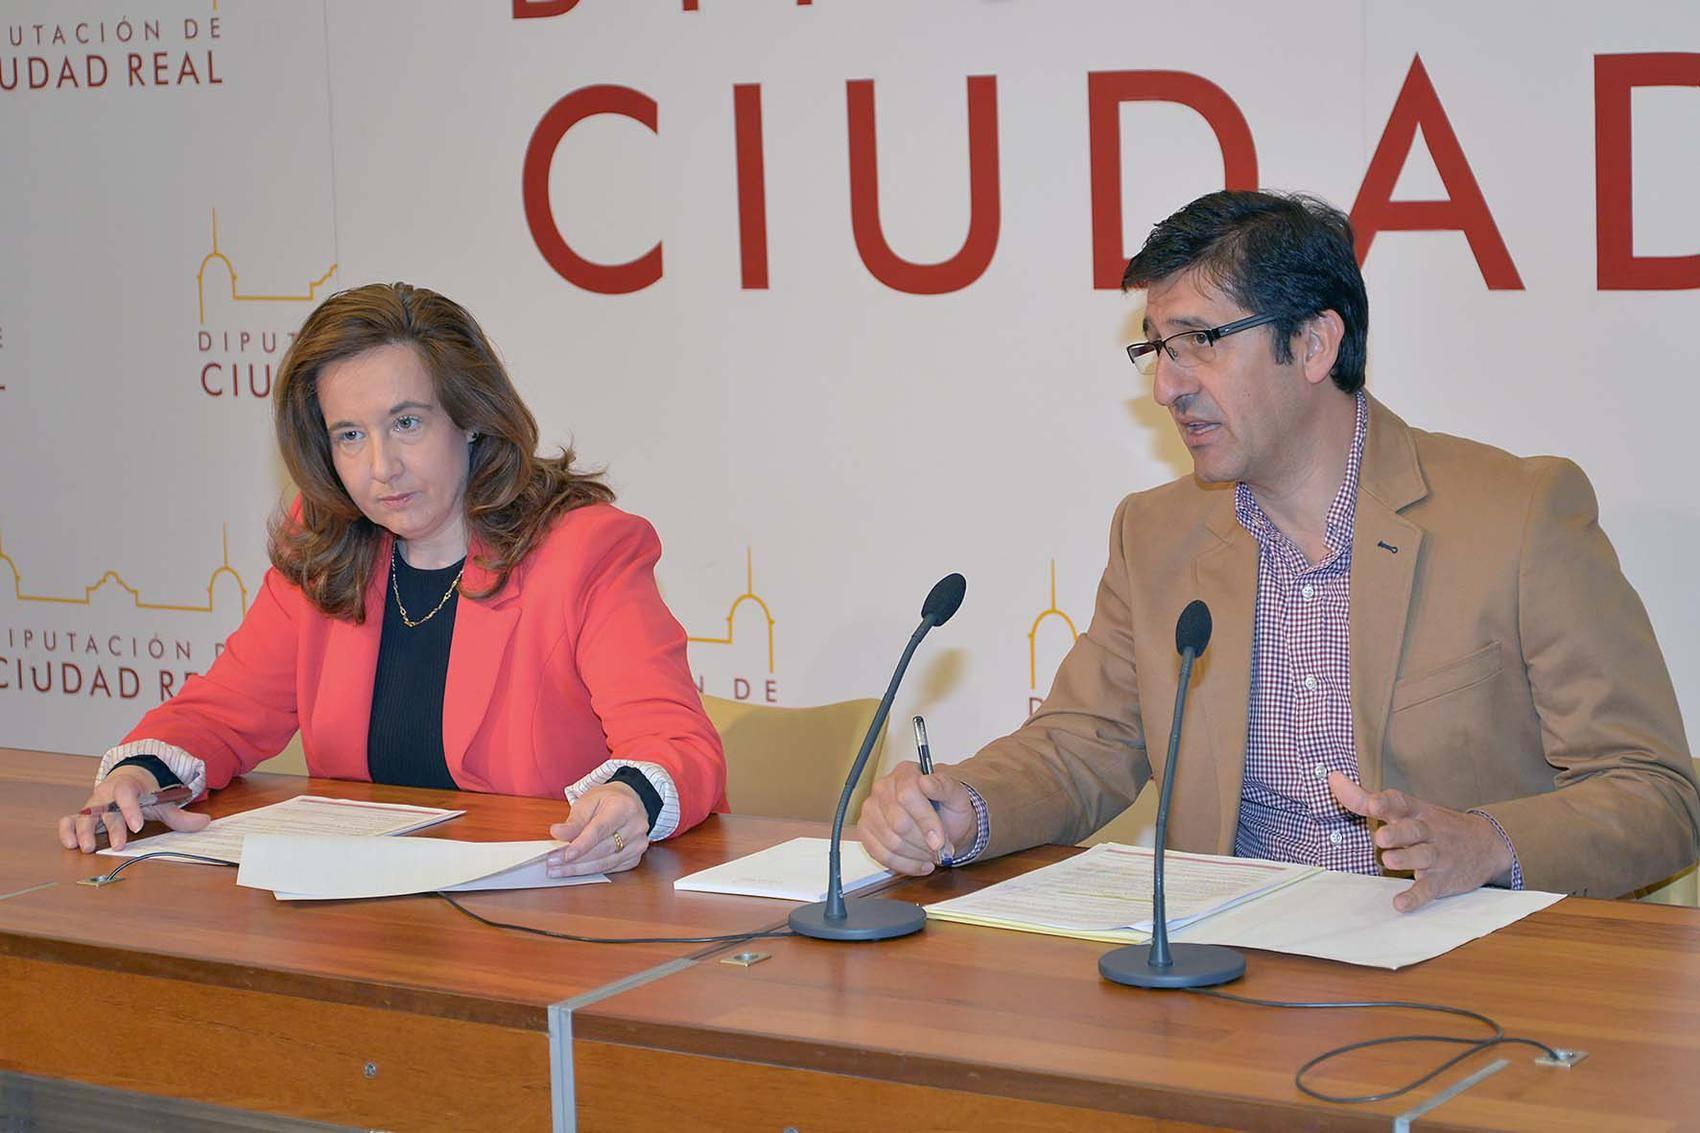 diputacion ciudad real ayuda asociaciones sin animo lucro - Diputación apoya con 100.000 euros a las asociaciones de Ciudad Real